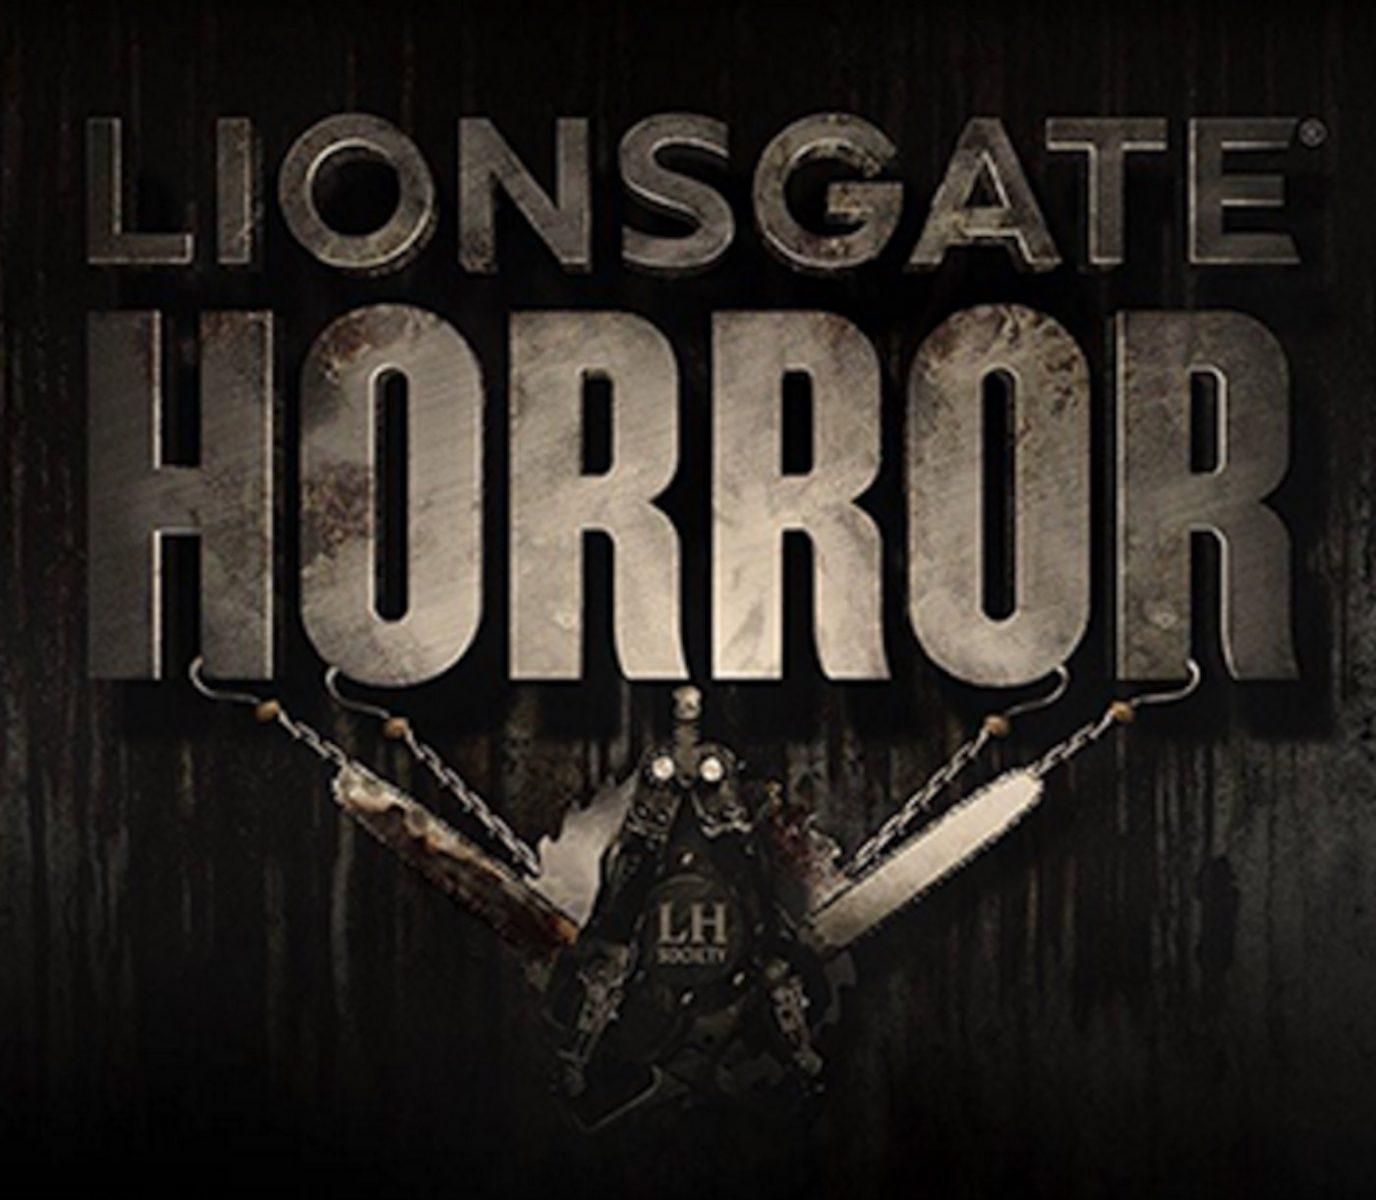 Lionsgate Horror